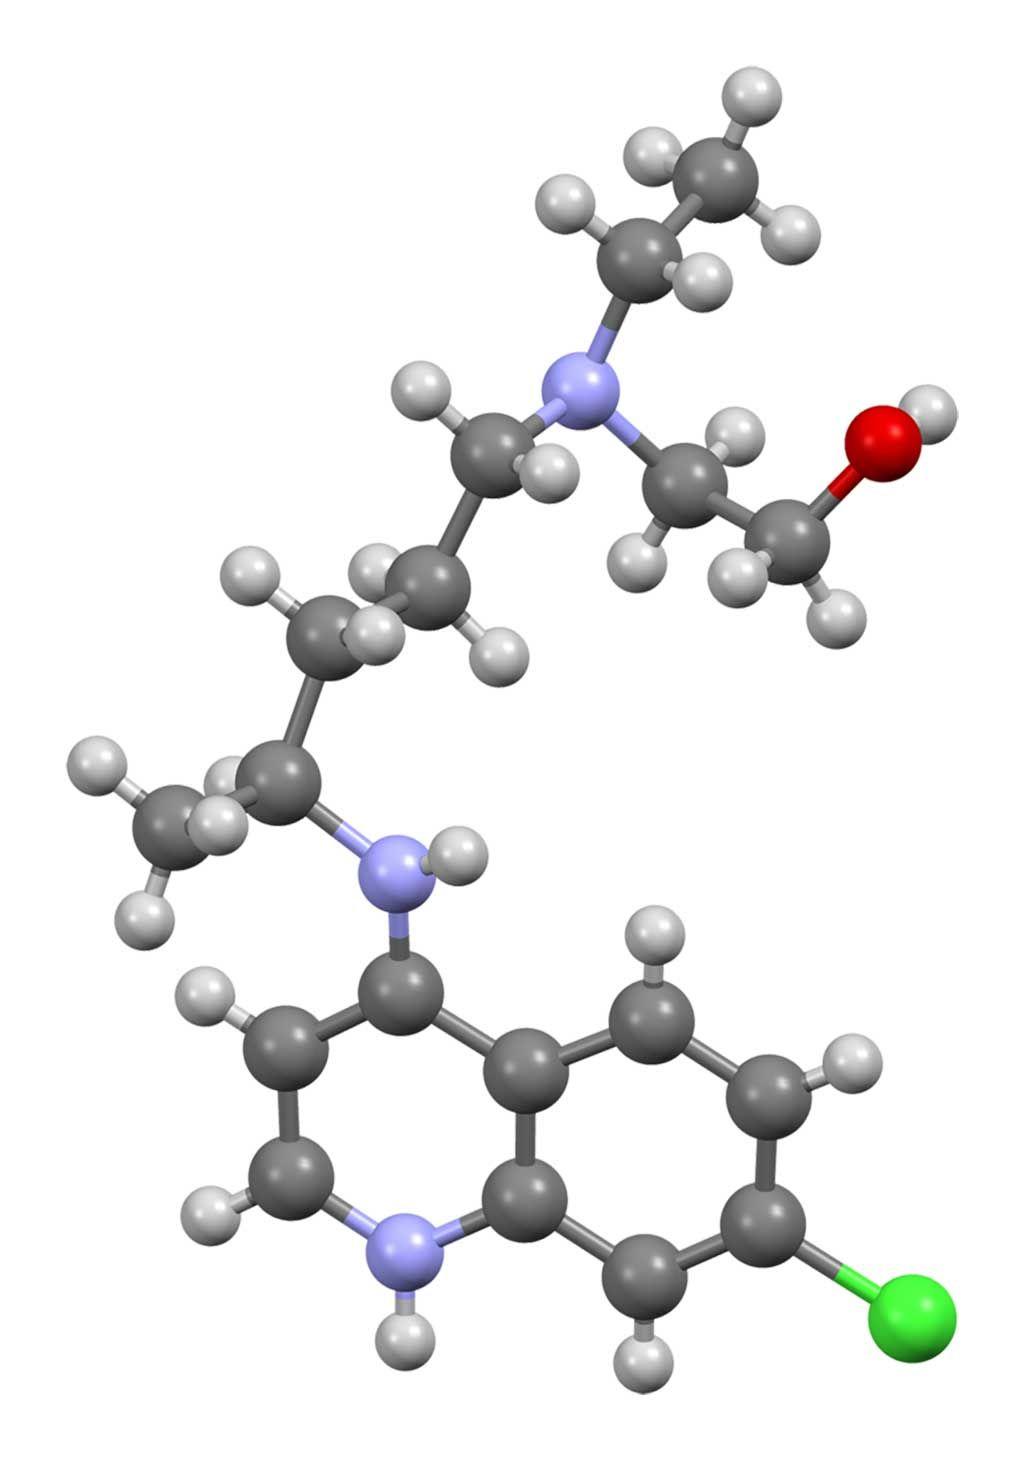 Imagen: Modelo tridimensional de una molécula de hidroxicloroquina (Fotografía cortesía de Wikimedia Commons)